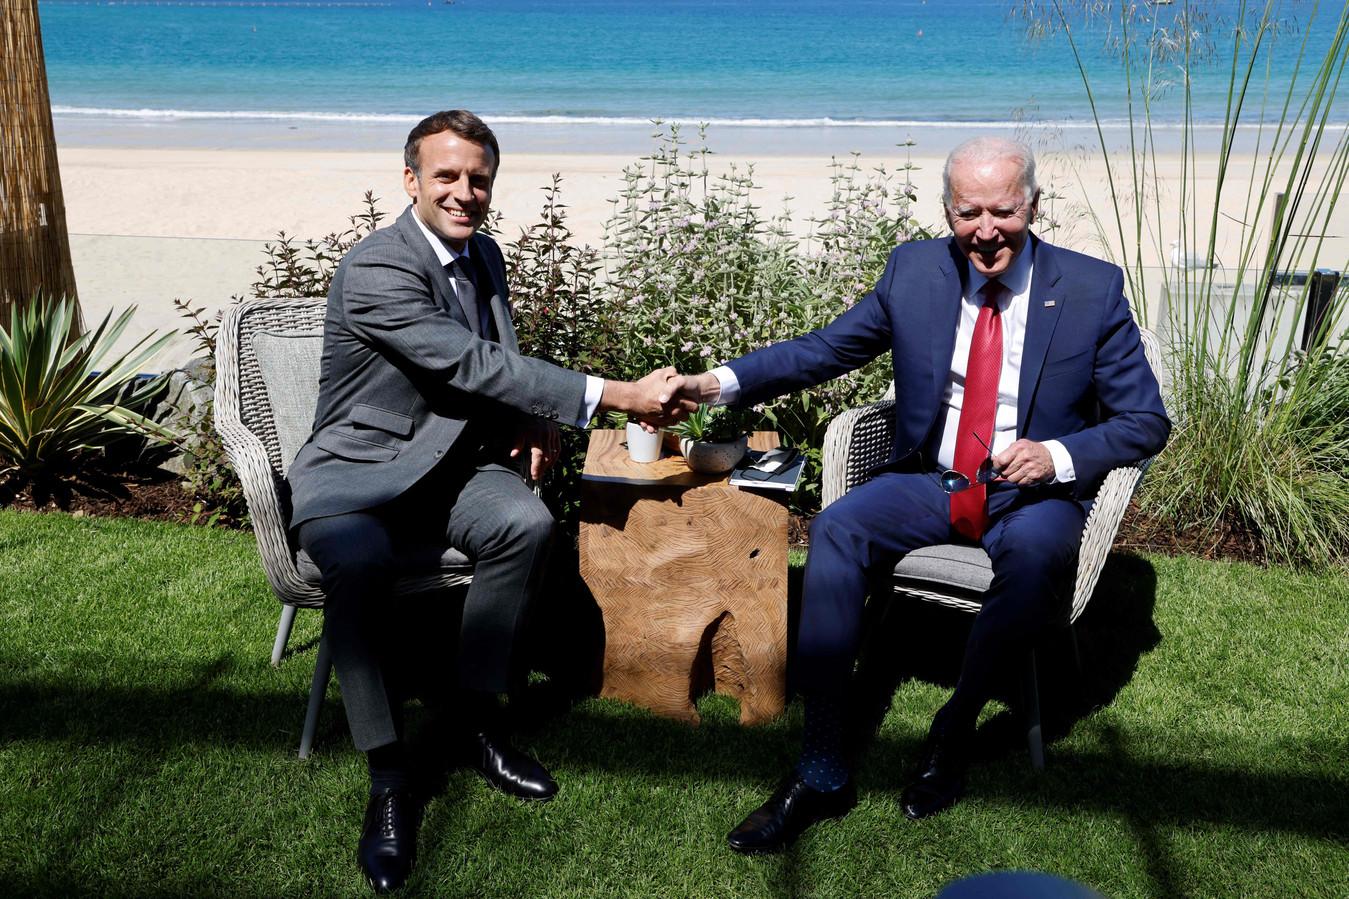 Biden wil de banden met zijn Europese bondgenoten - zoals de Franse president Emmanuel Macron - aanhalen.